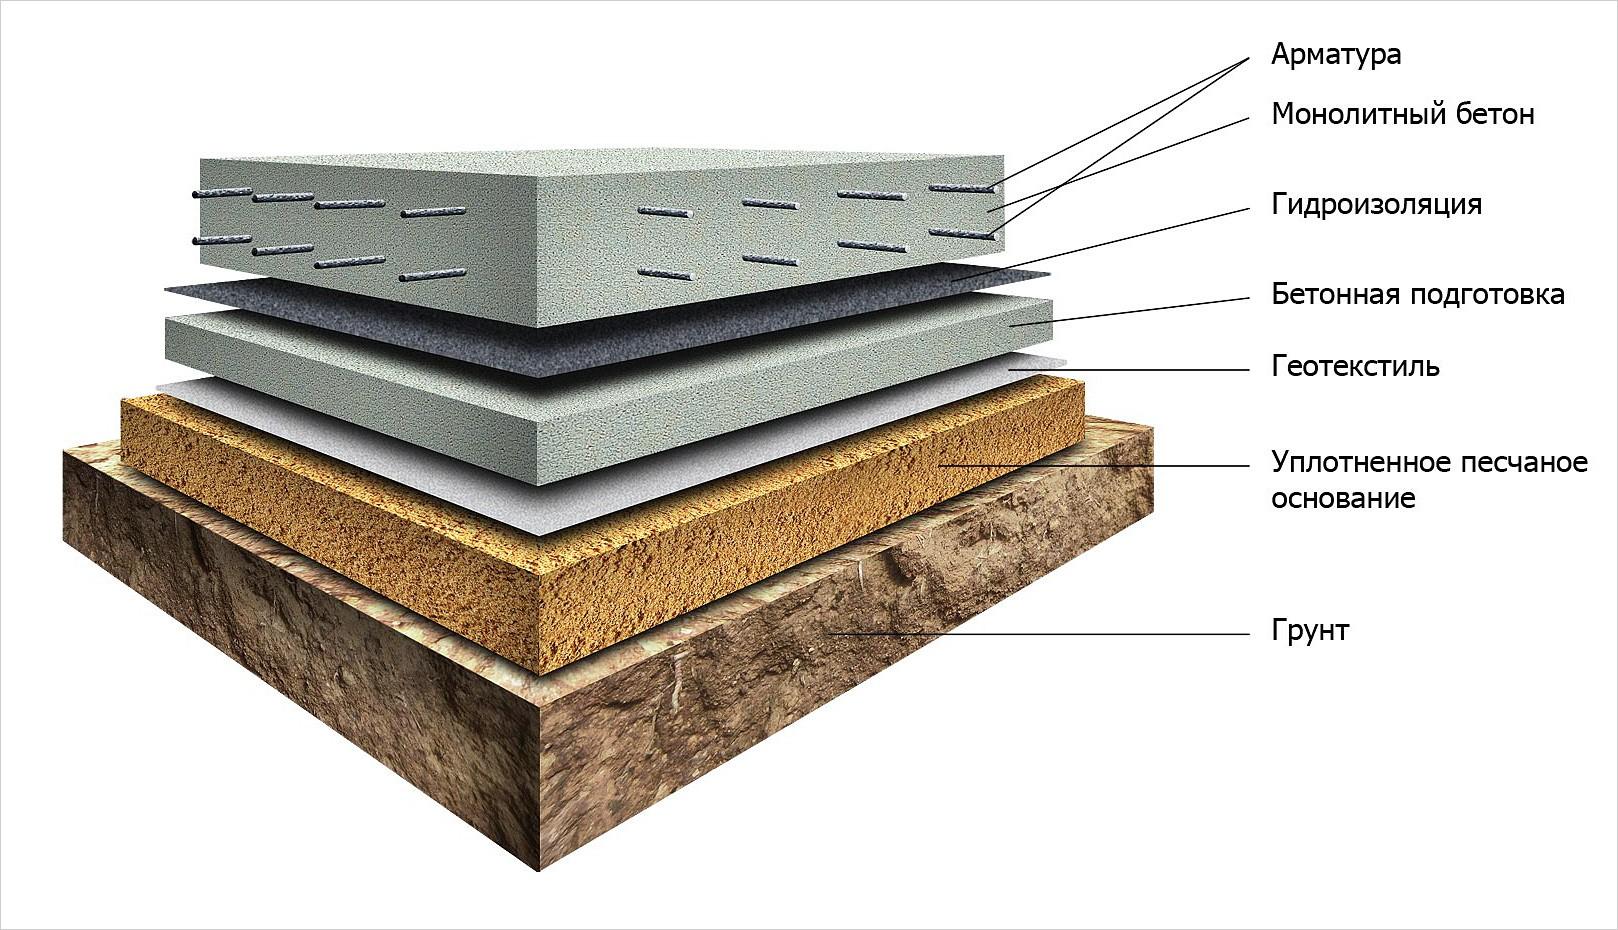 Монолитный бетон стоимость состава керамзитобетона